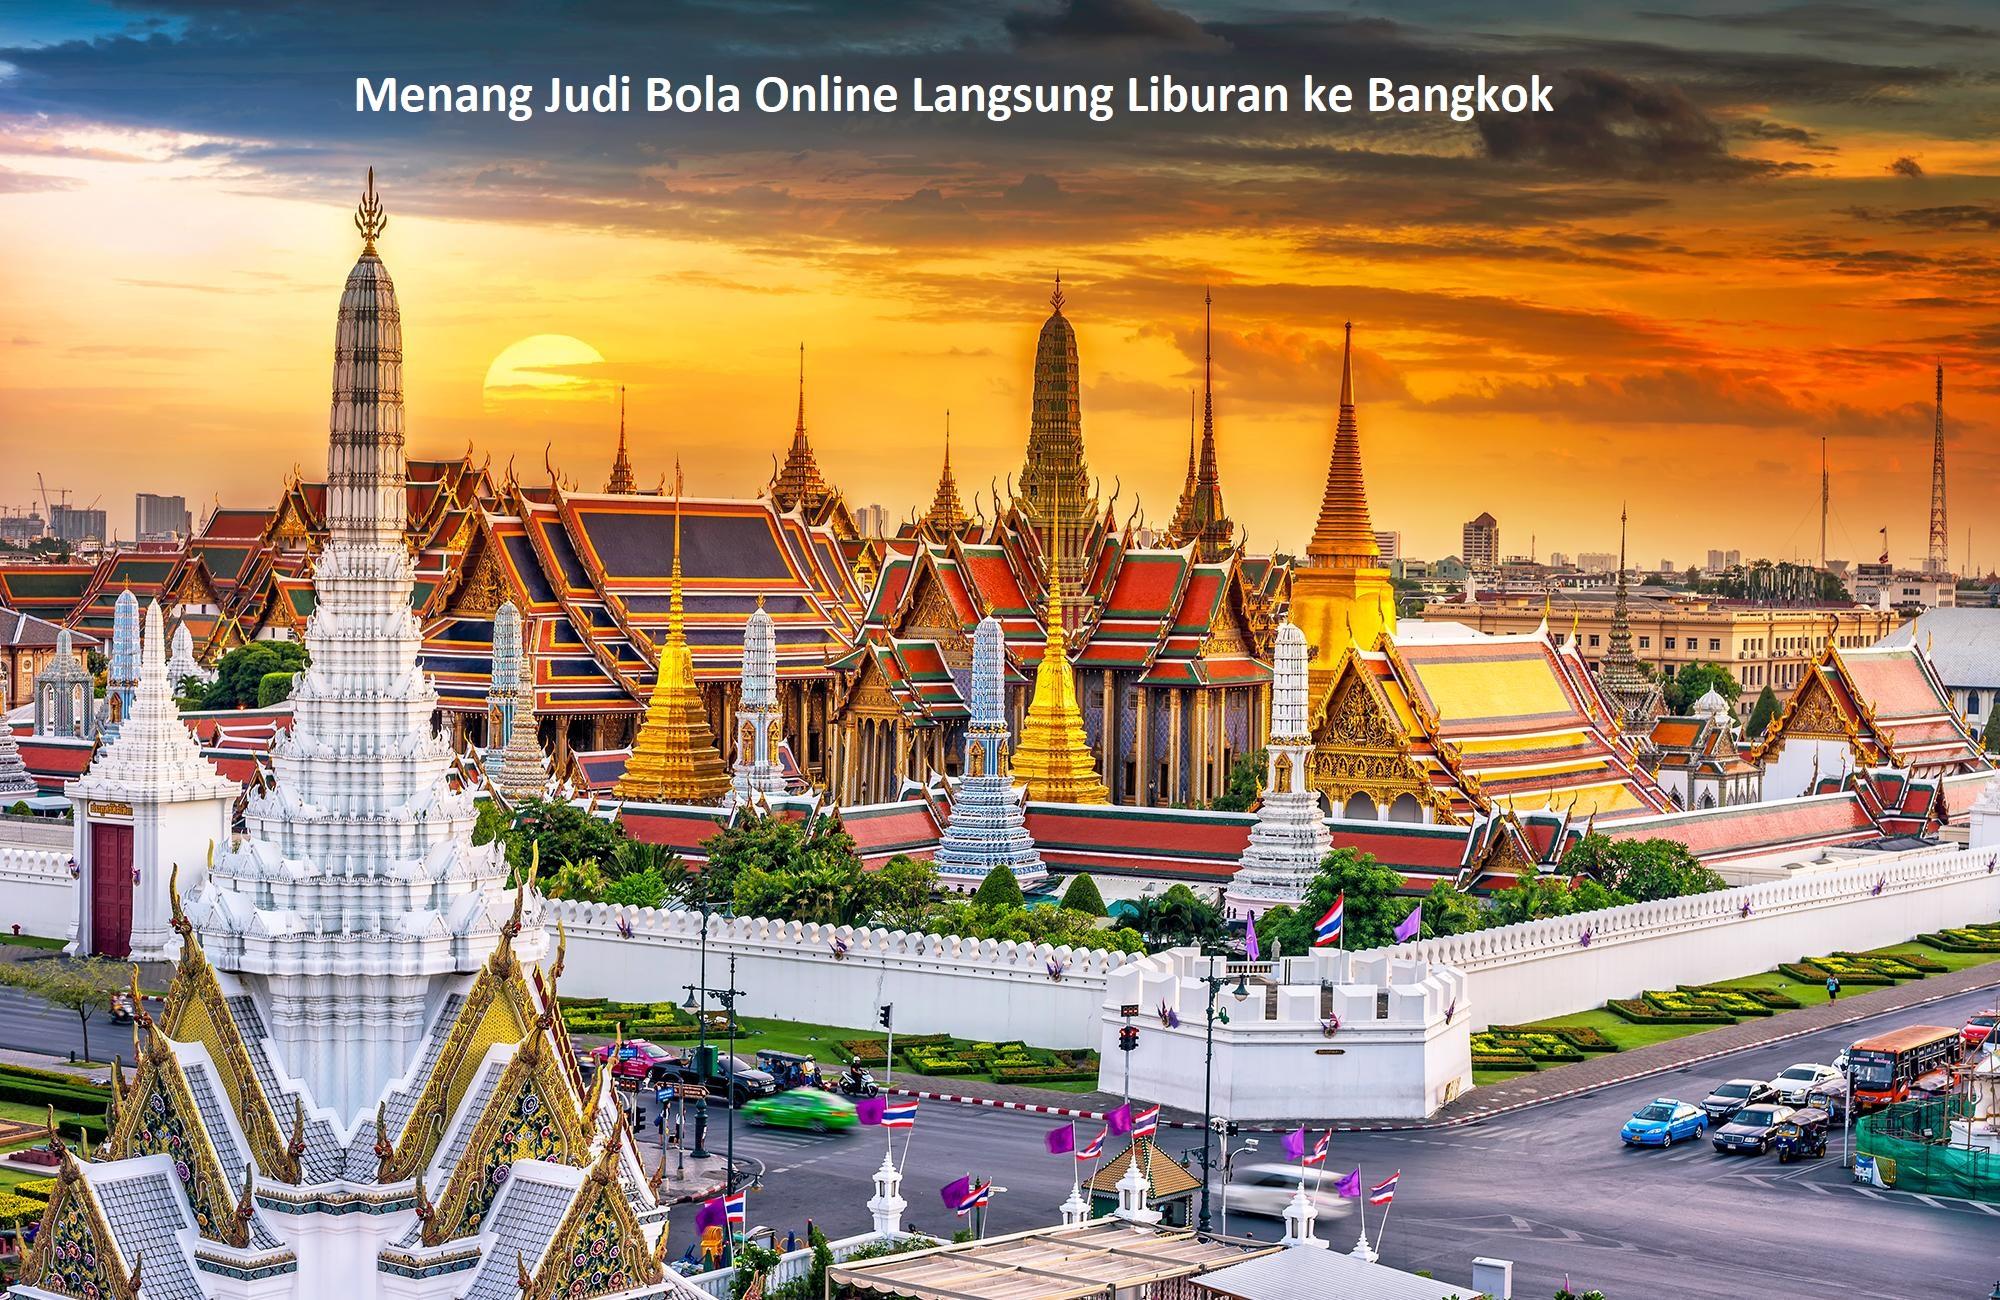 Menang Judi Bola Online Langsung Liburan ke Bangkok